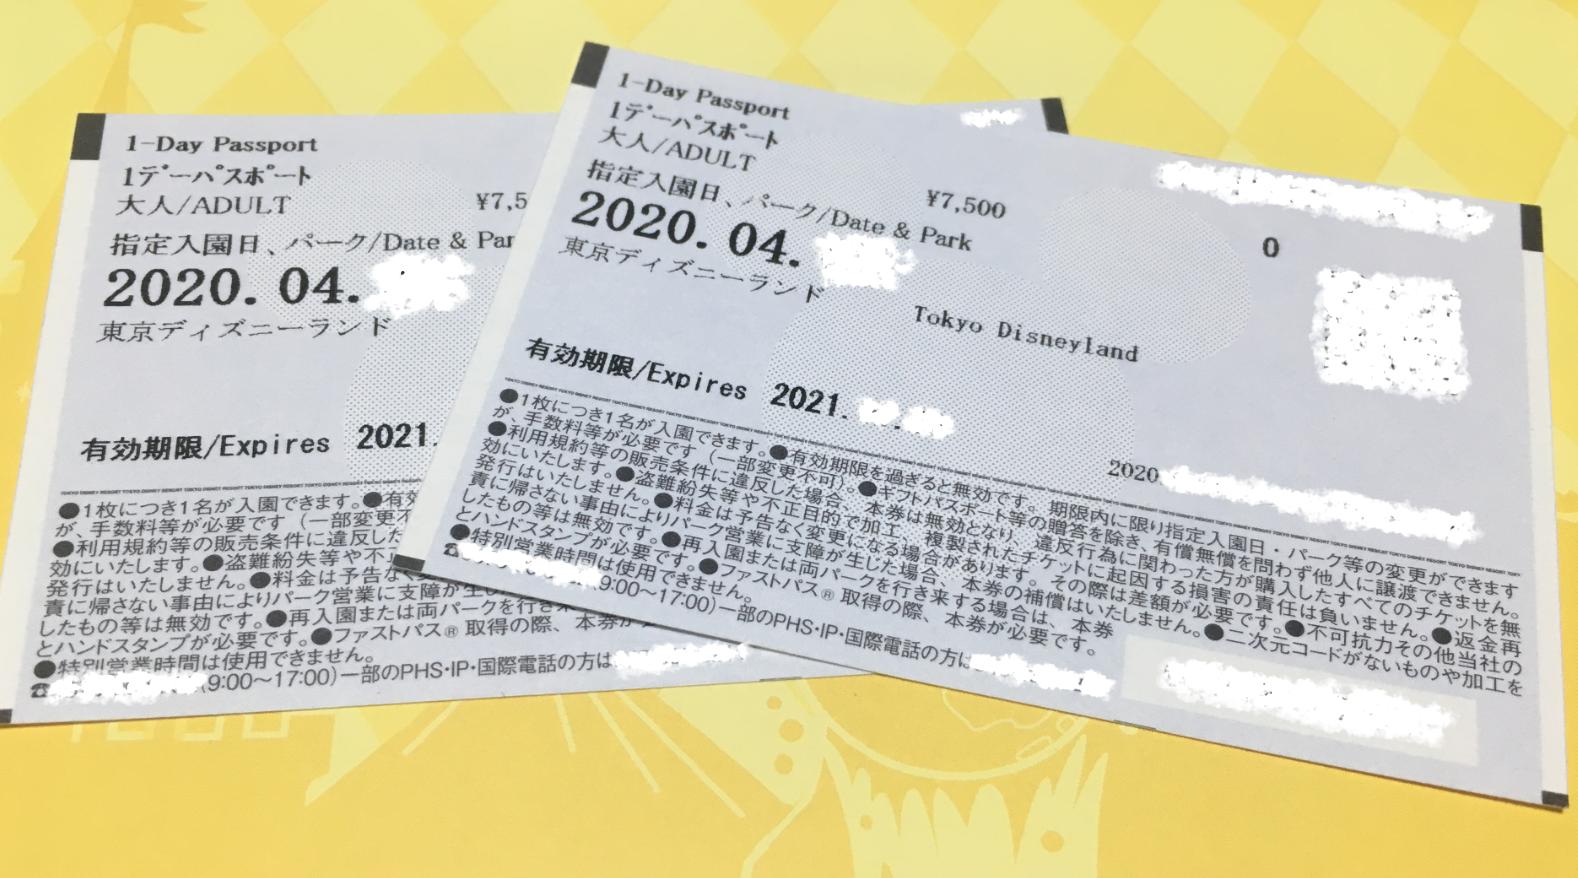 チケット払い戻し 東京ディズニーランド